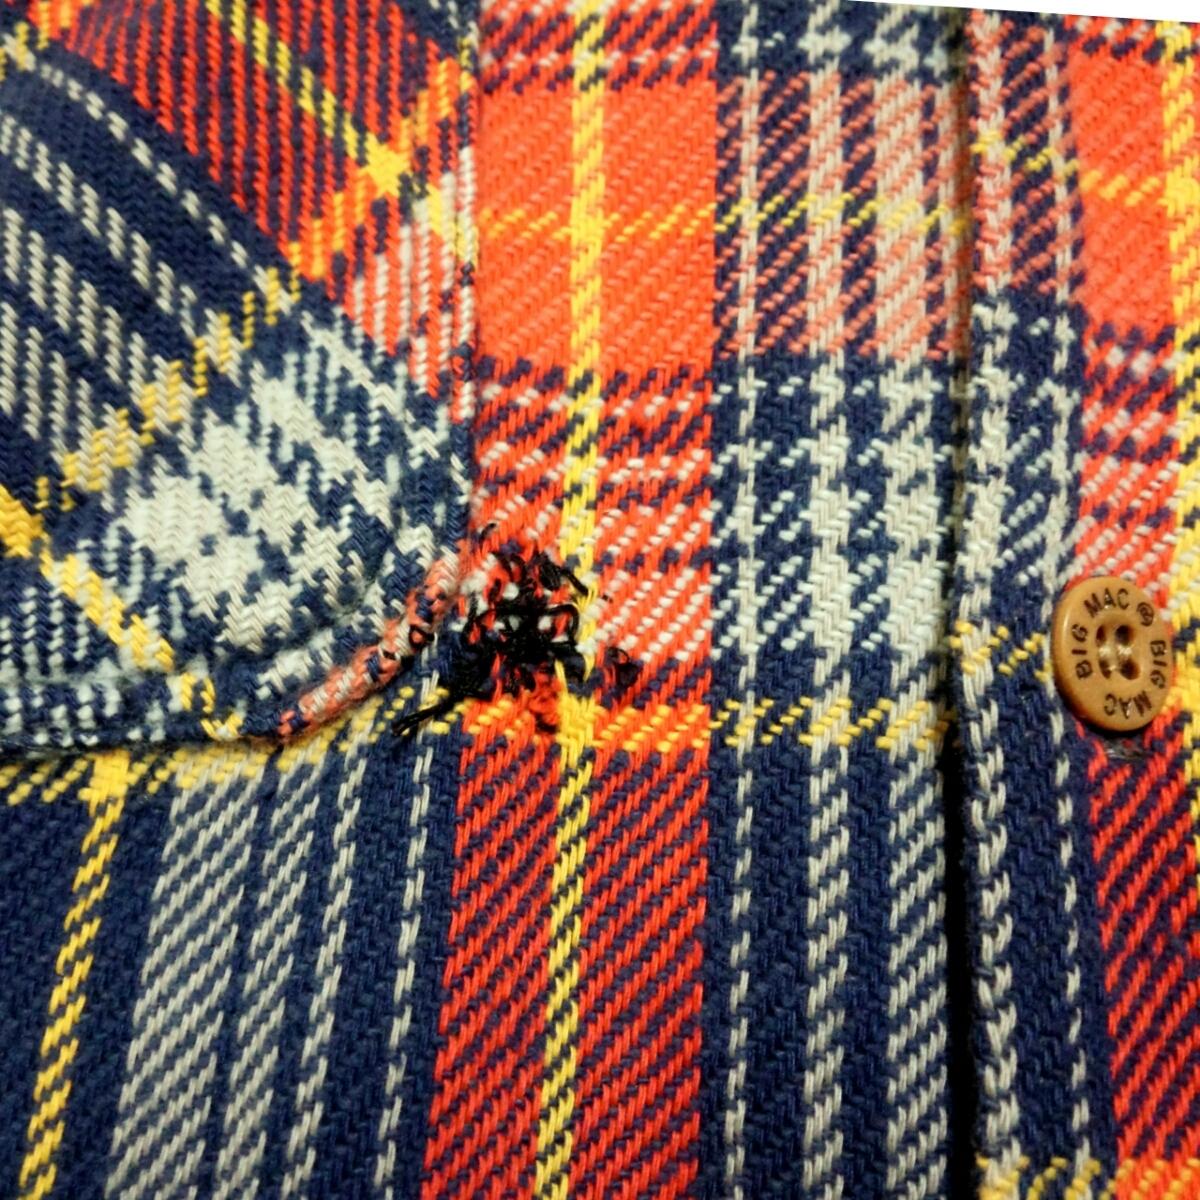 サイズSビッグマックMade in USA製 BIGMACヘビーネルシャツ80sヴィンテージ80年代JCPenneyアメリカ製vintageビンテージJCペニー 赤チェック_画像3